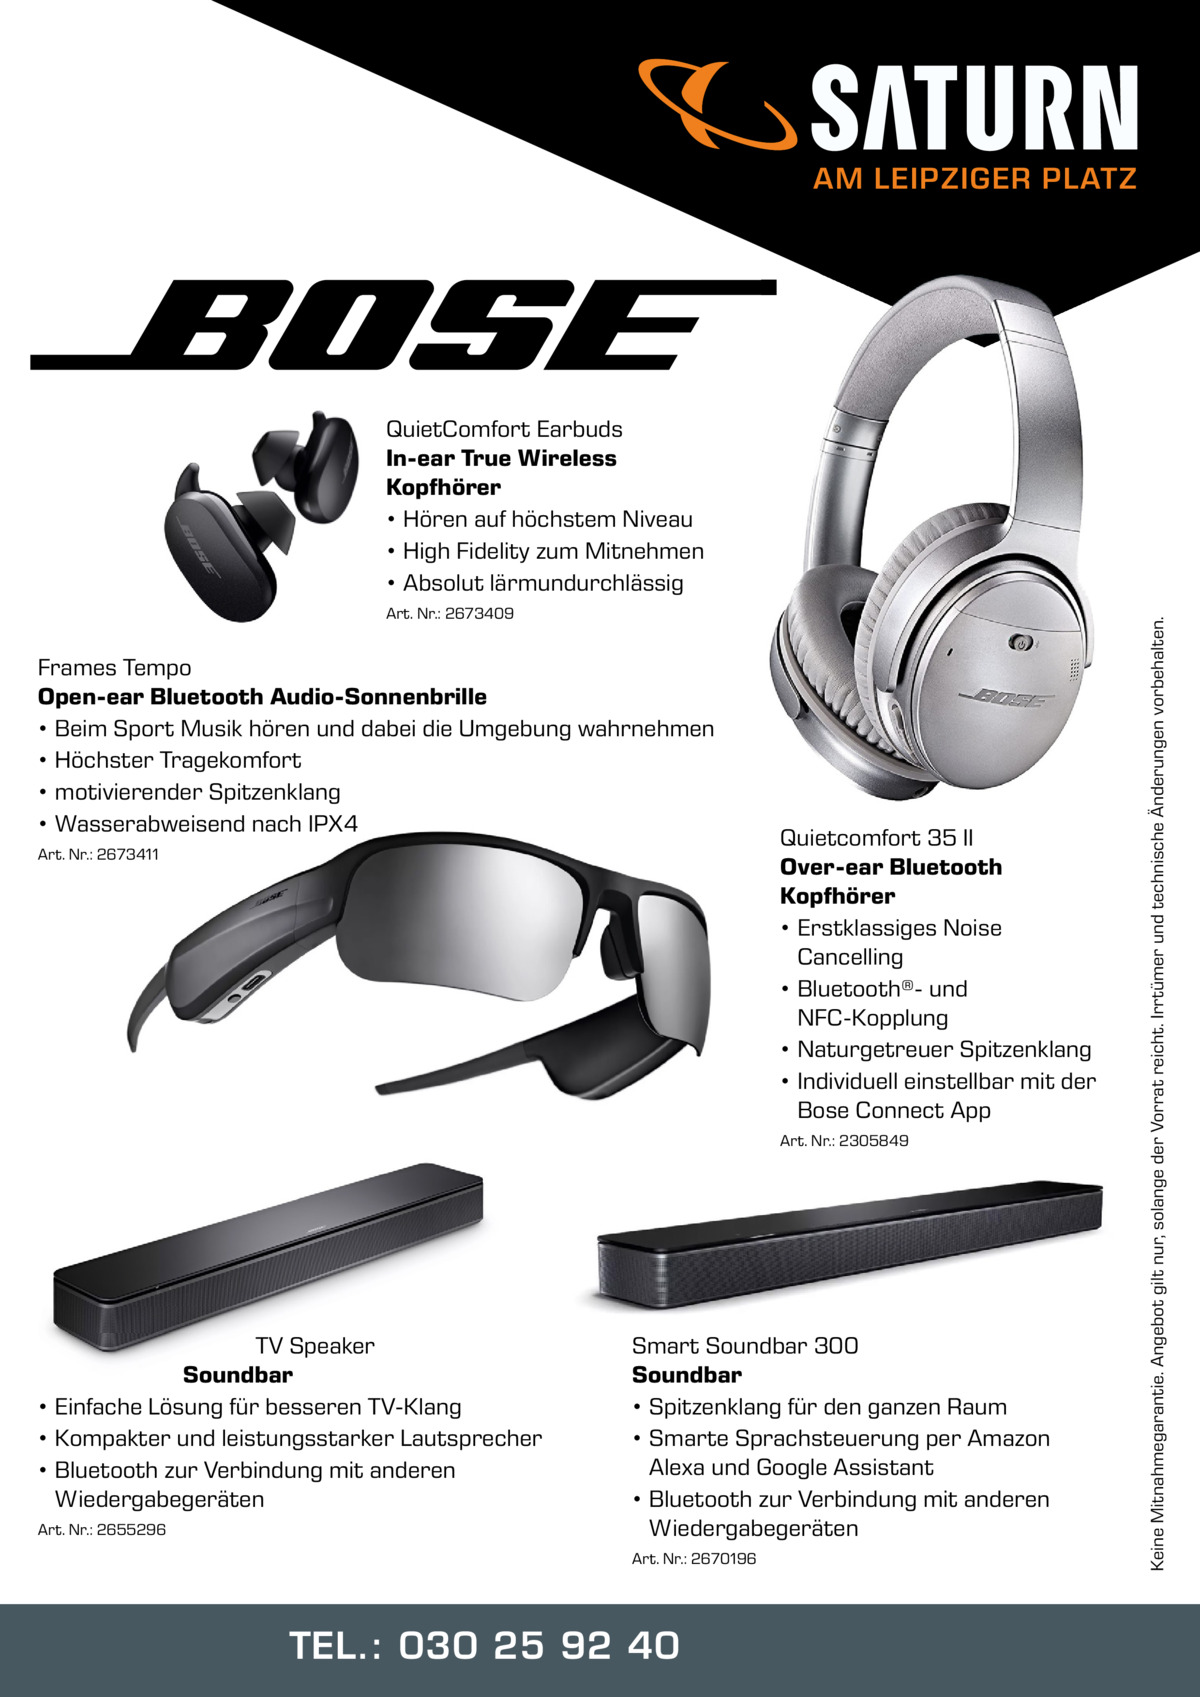 AM LEIPZIGER PLATZ  Art. Nr.: 2673409  Frames Tempo Open-ear Bluetooth Audio-Sonnenbrille • Beim Sport Musik hören und dabei die Umgebung wahrnehmen • Höchster Tragekomfort • motivierender Spitzenklang • Wasserabweisend nach IPX4 Art. Nr.: 2673411  Quietcomfort 35 II Over-ear Bluetooth Kopfhörer • Erstklassiges Noise Cancelling • Bluetooth®- und NFC-Kopplung • Naturgetreuer Spitzenklang • Individuell einstellbar mit der Bose Connect App Art. Nr.: 2305849  TV Speaker Soundbar • Einfache Lösung für besseren TV-Klang • Kompakter und leistungsstarker Lautsprecher • Bluetooth zur Verbindung mit anderen Wiedergabegeräten Art. Nr.: 2655296  Smart Soundbar 300 Soundbar • Spitzenklang für den ganzen Raum • Smarte Sprachsteuerung per Amazon Alexa und Google Assistant • Bluetooth zur Verbindung mit anderen Wiedergabegeräten Art. Nr.: 2670196  TEL.: 030 25 92 40  Keine Mitnahmegarantie. Angebot gilt nur, solange der Vorrat reicht. Irrtümer und technische Änderungen vorbehalten.  QuietComfort Earbuds In-ear True Wireless Kopfhörer • Hören auf höchstem Niveau • High Fidelity zum Mitnehmen • Absolut lärmundurchlässig